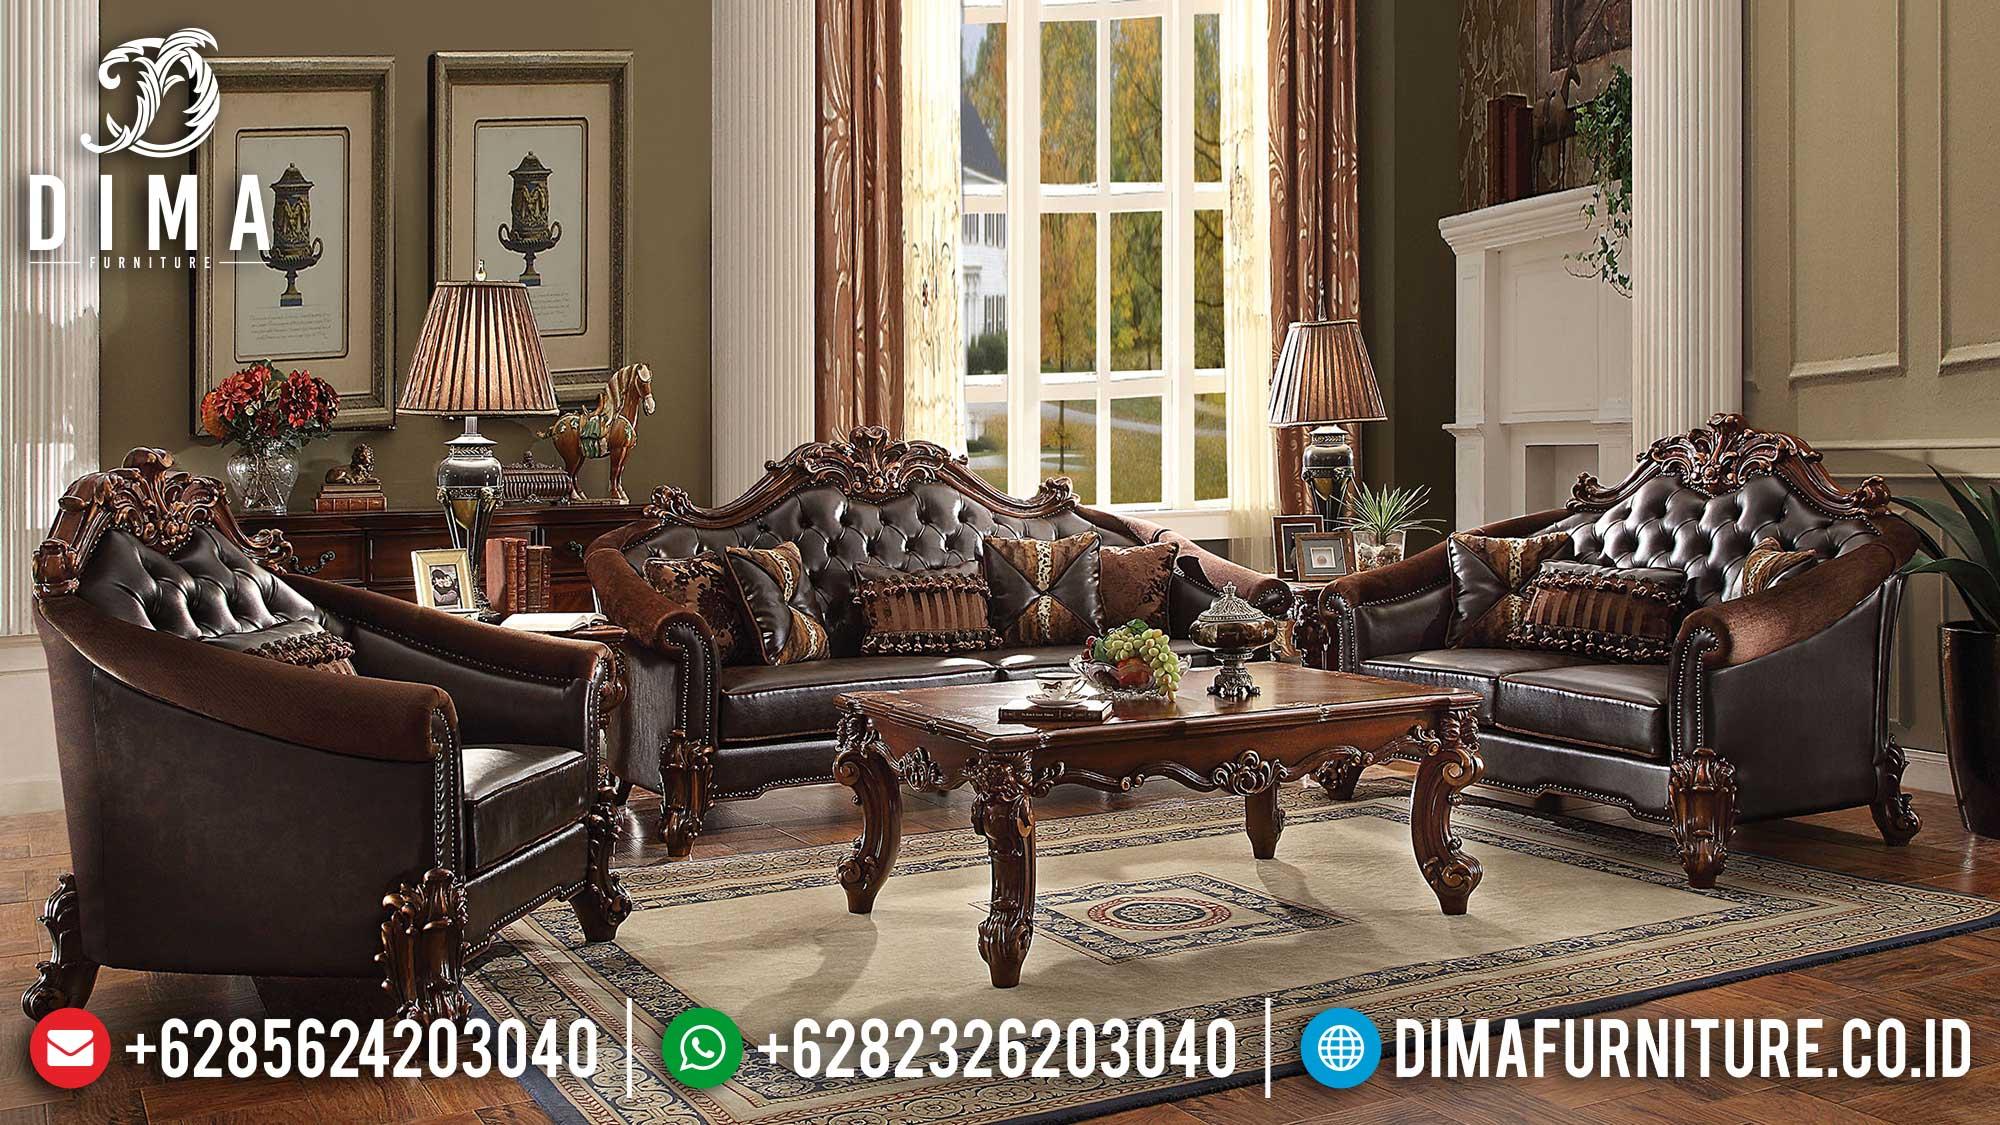 Sofa Tamu Mewah Jati Luxury Carving Classic Excellent Color Natural Salak Brown Mm-0982